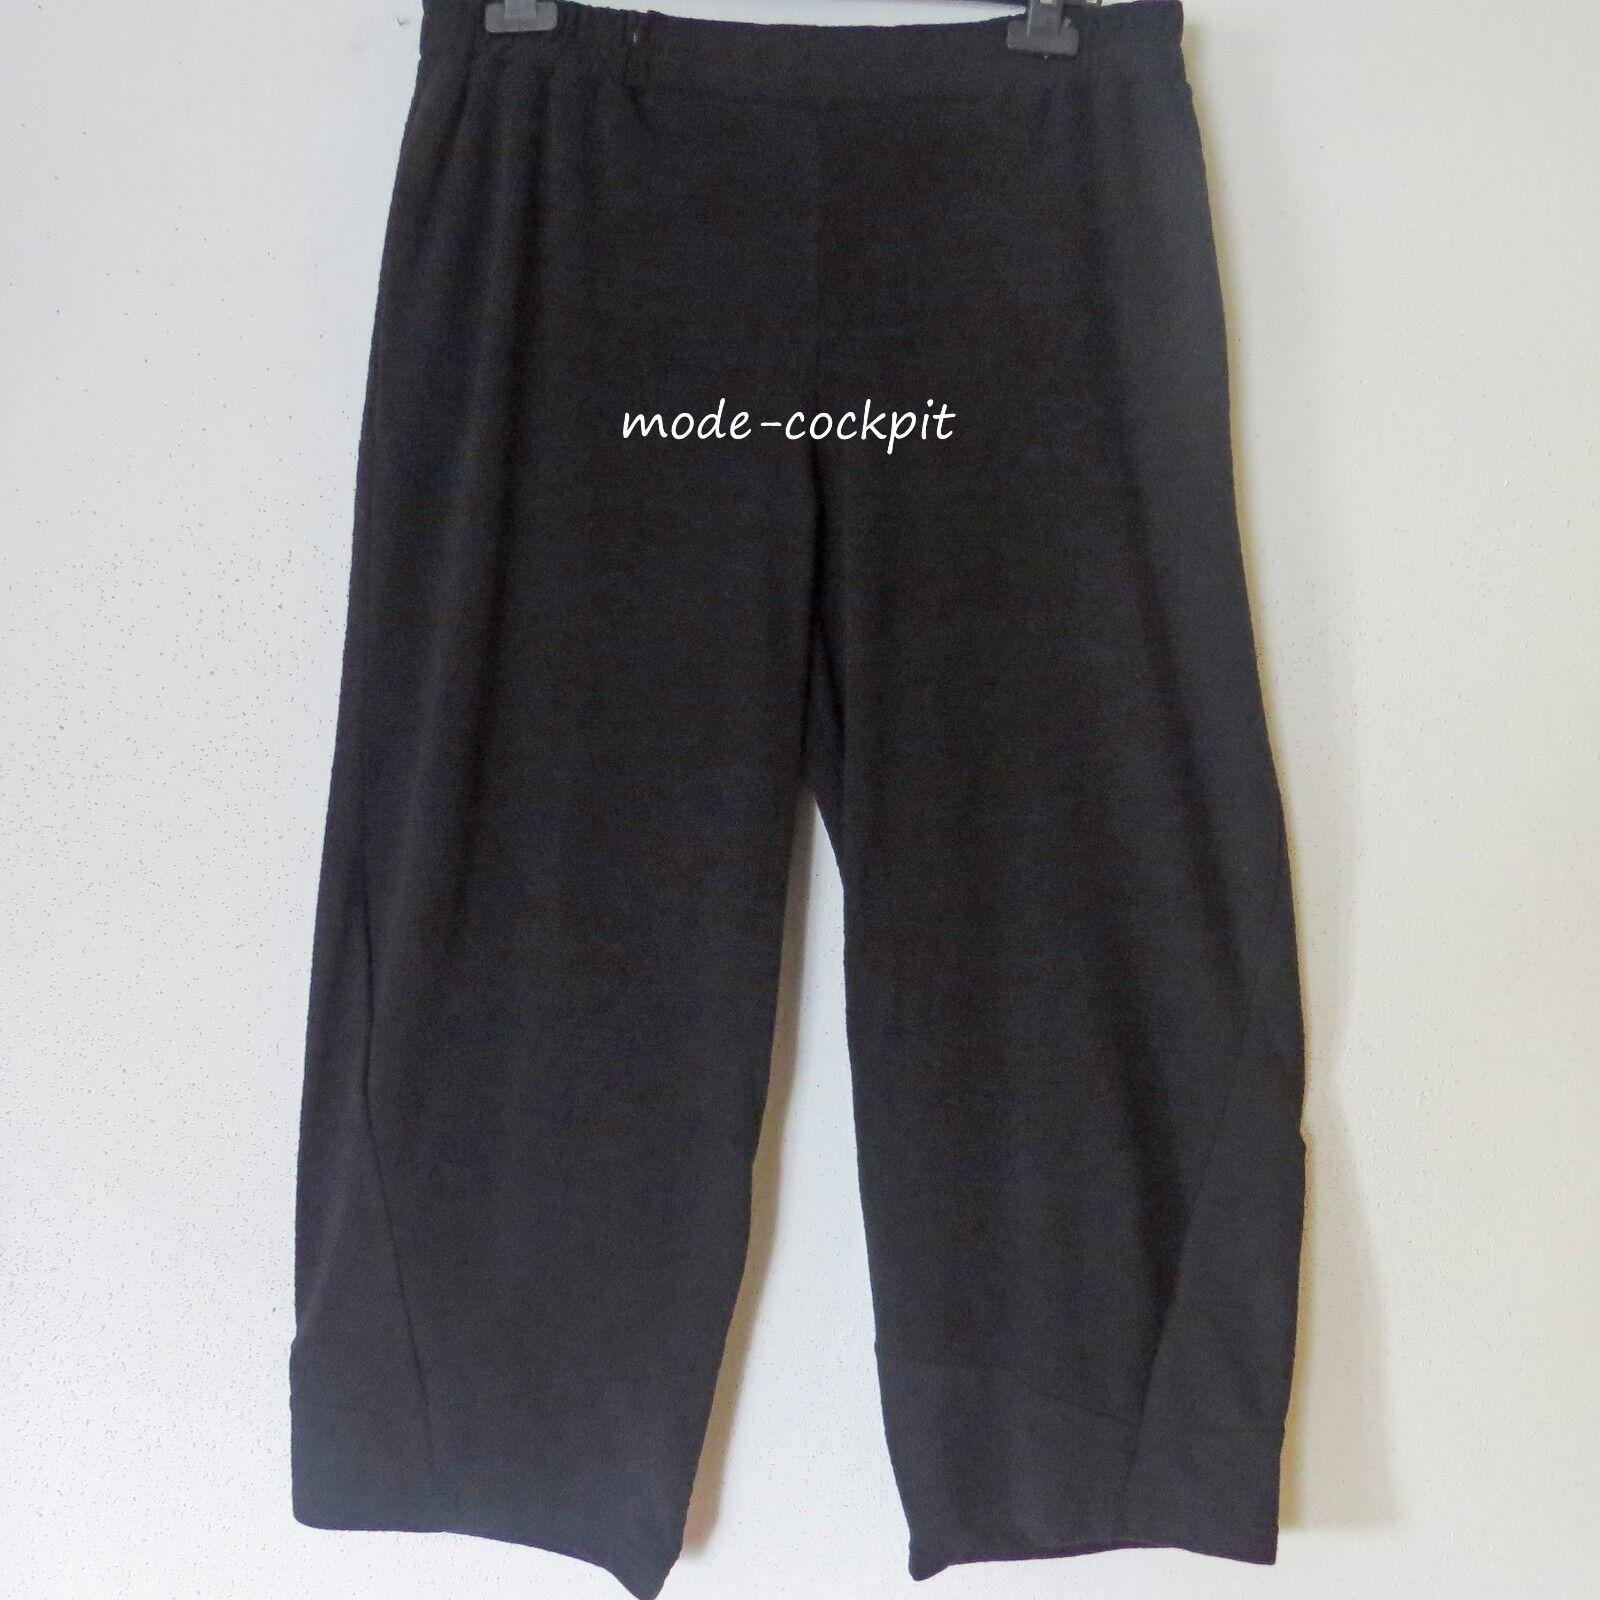 LUUKAA weite Kuschel Hose Stiefelhose + Taschen Lagenlook black 48-50 (6)